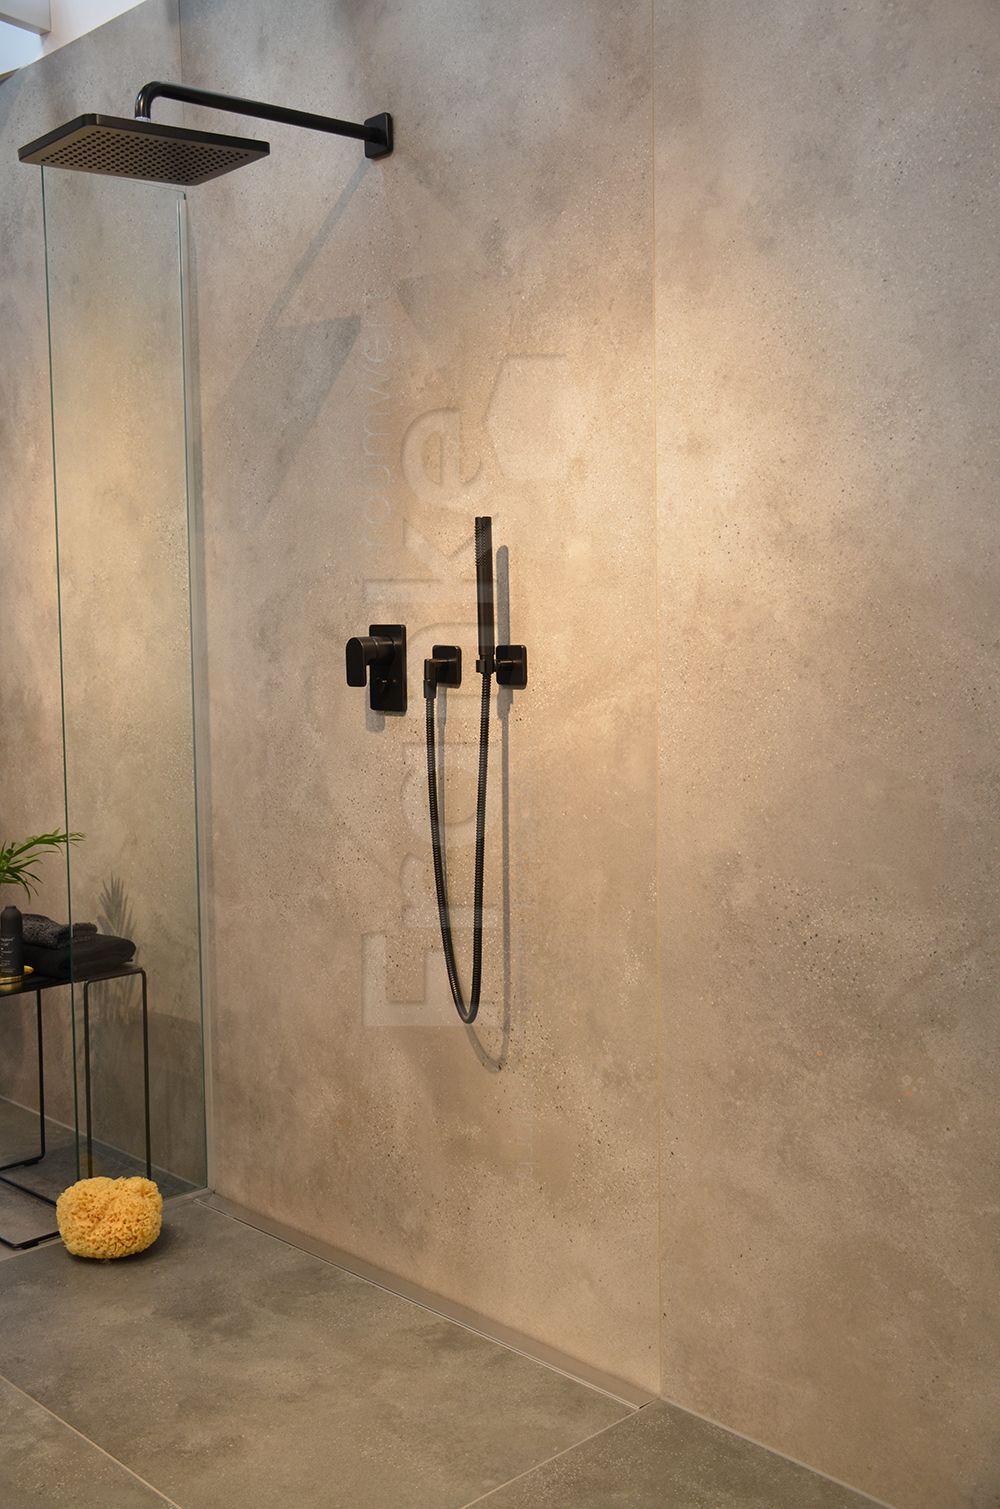 Die Formatvielfalt Bietet So Viele Gestaltungsmoglichkeiten An Dusche Badezimmer Bath Bathroom Badkamer Shower Wohnzimmer Villeroy Fliesen Fliesenboden